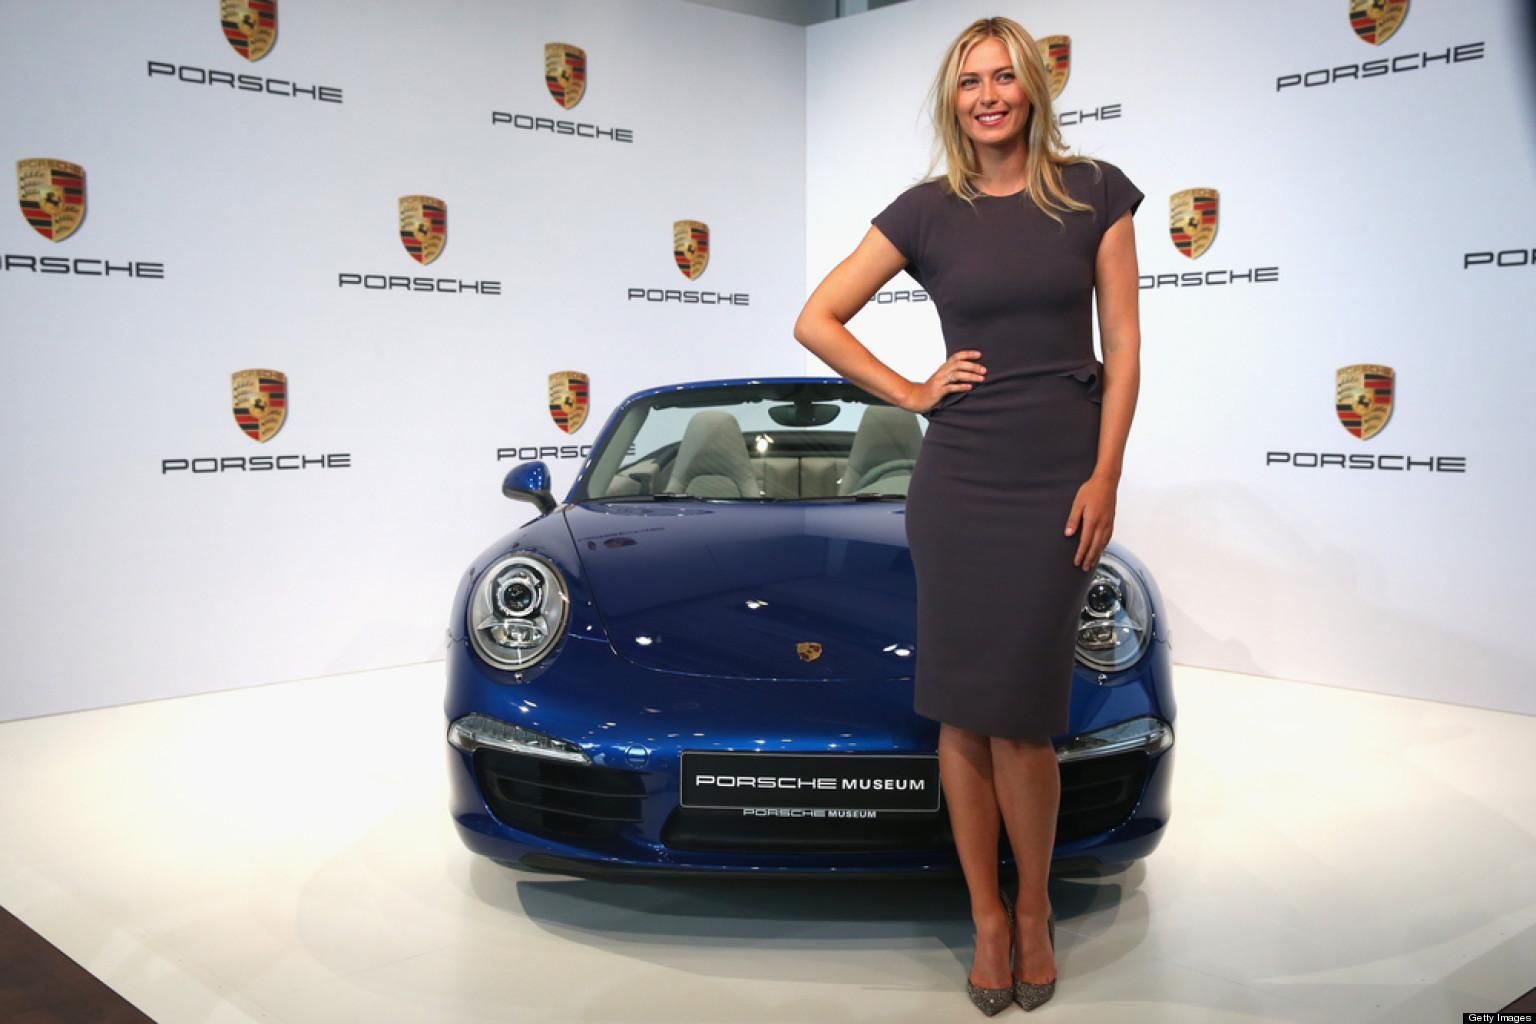 Porsche приостанавливает сотрудничество с известной теннисисткой 1